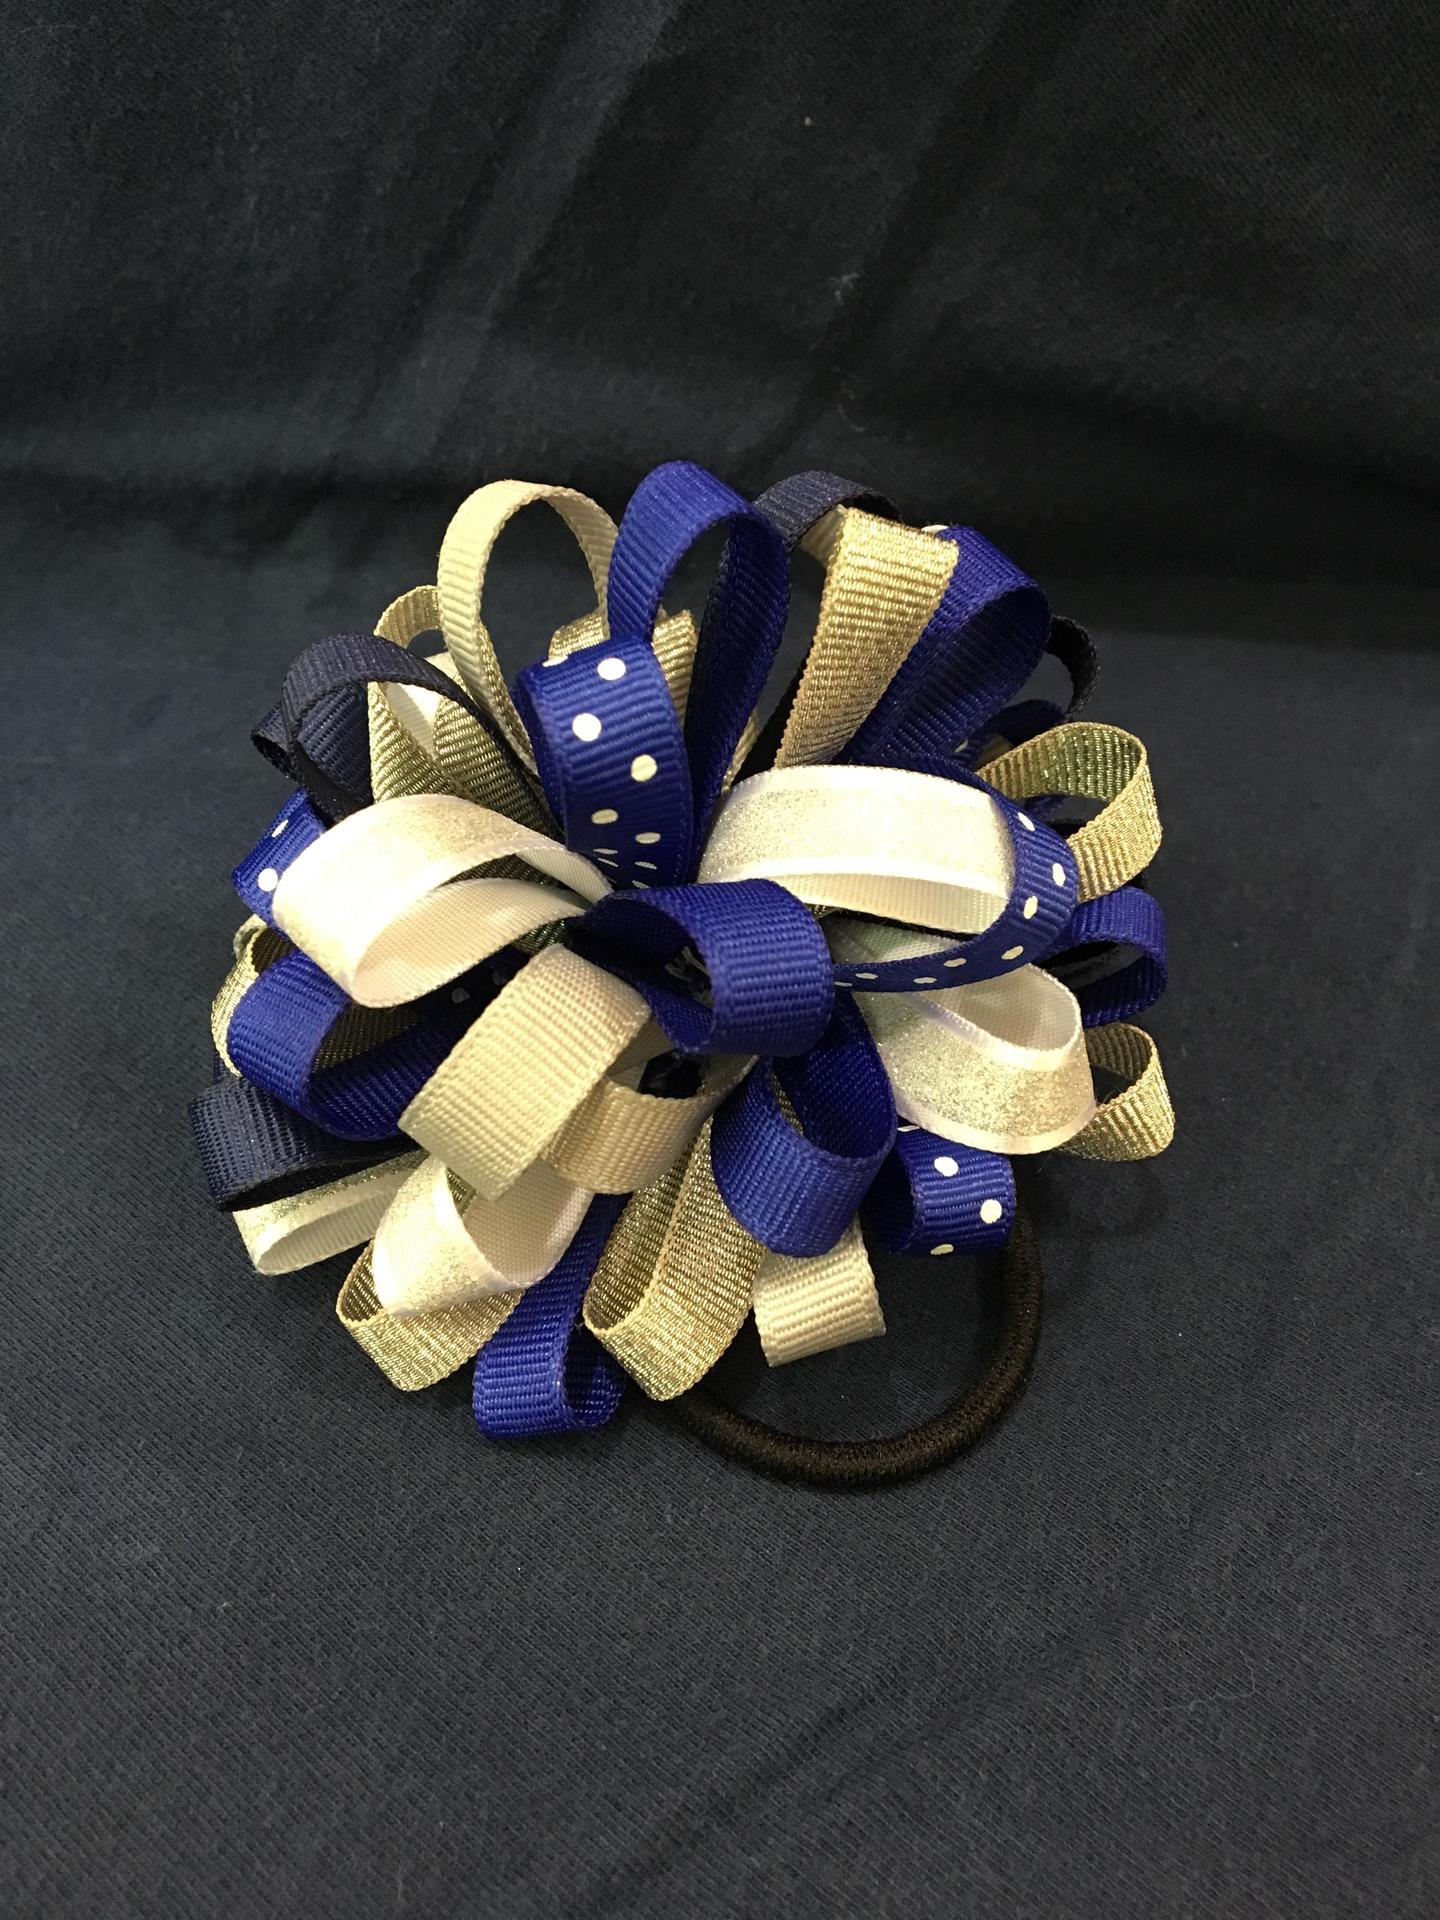 Blue & White Pom Pom Elastic Hair Tie